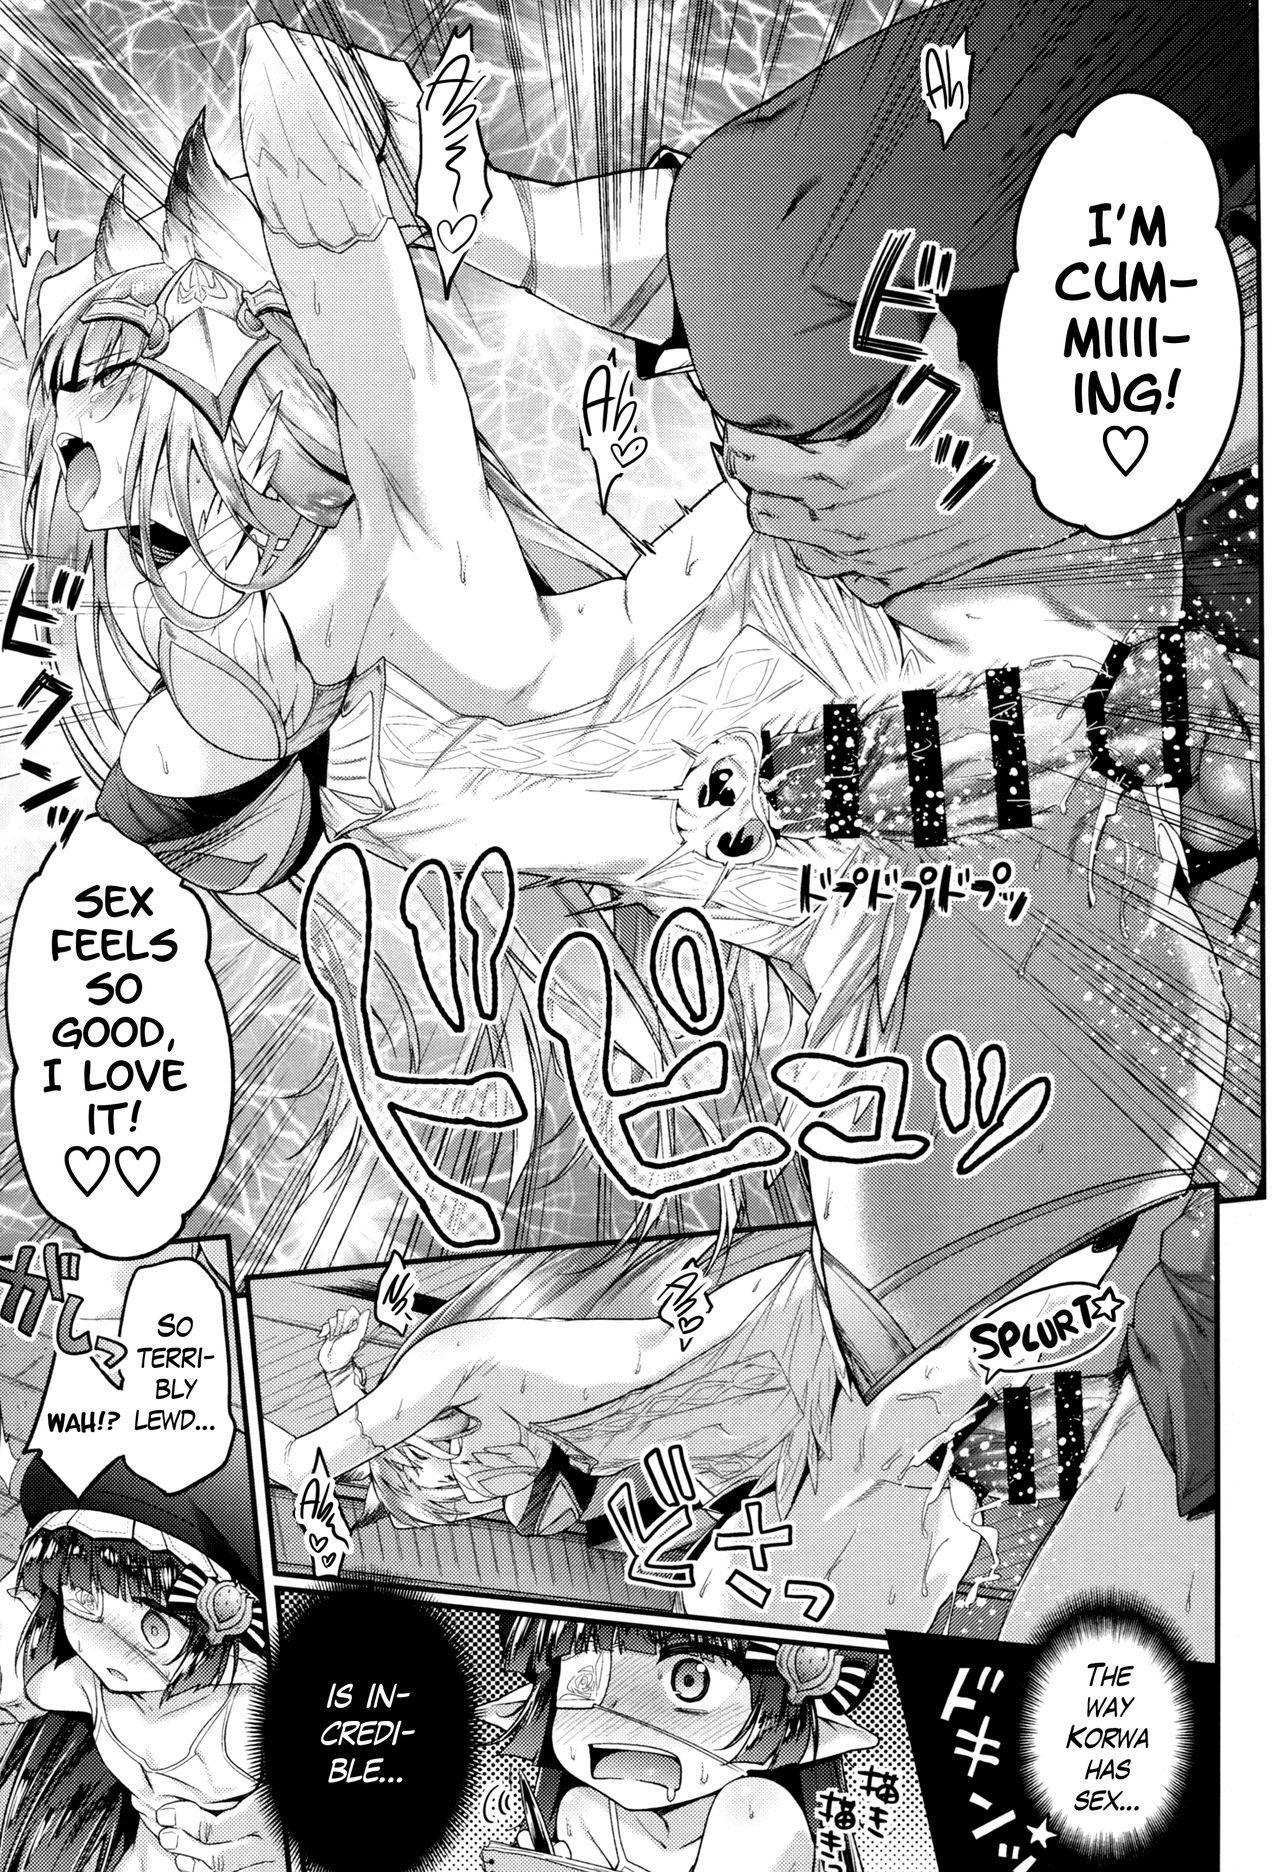 Lunalu Sensei to Korwa no Doki Doki Danshi Shuzai 16